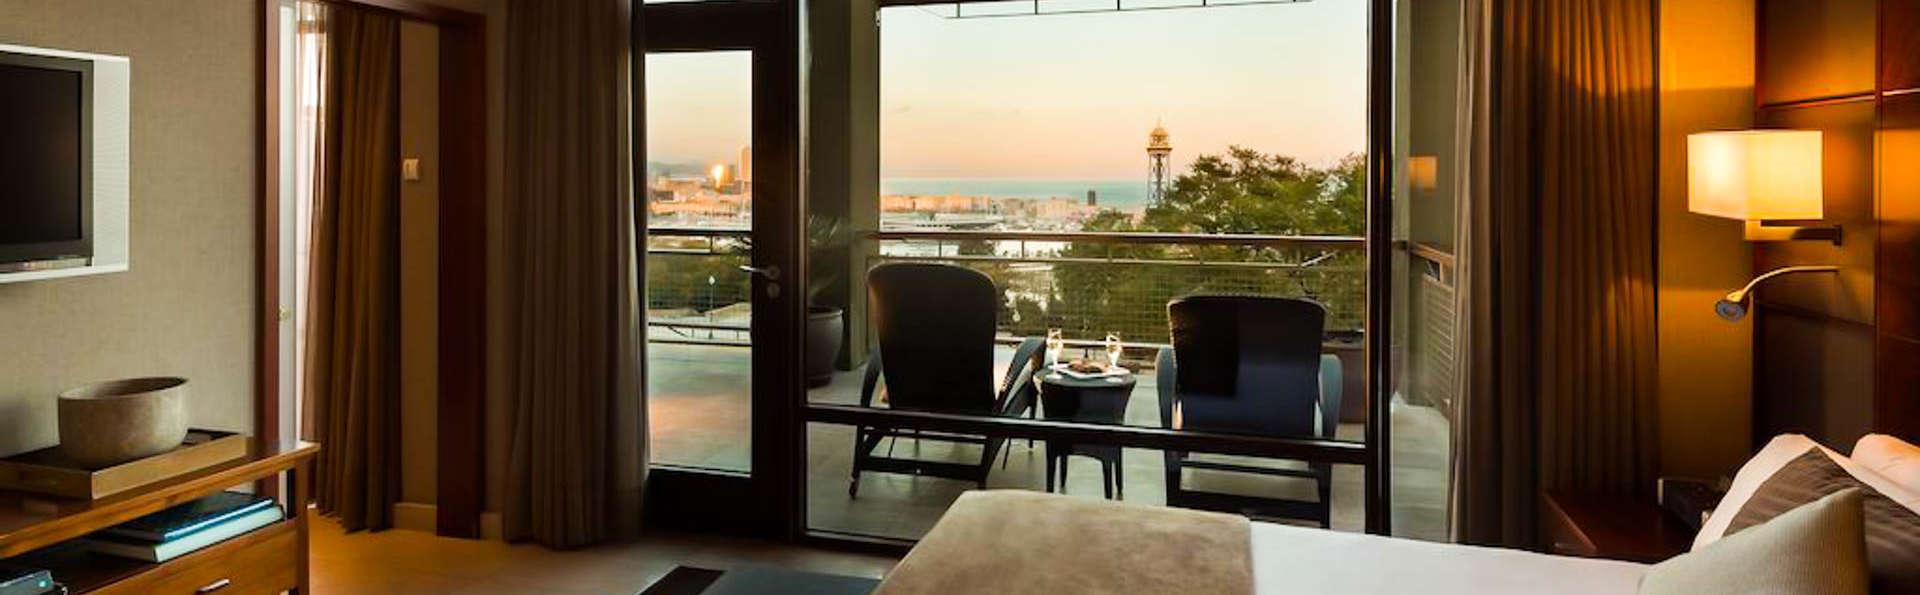 Escapada a un hotel 5* en Barcelona con vistas al Mediterráneo